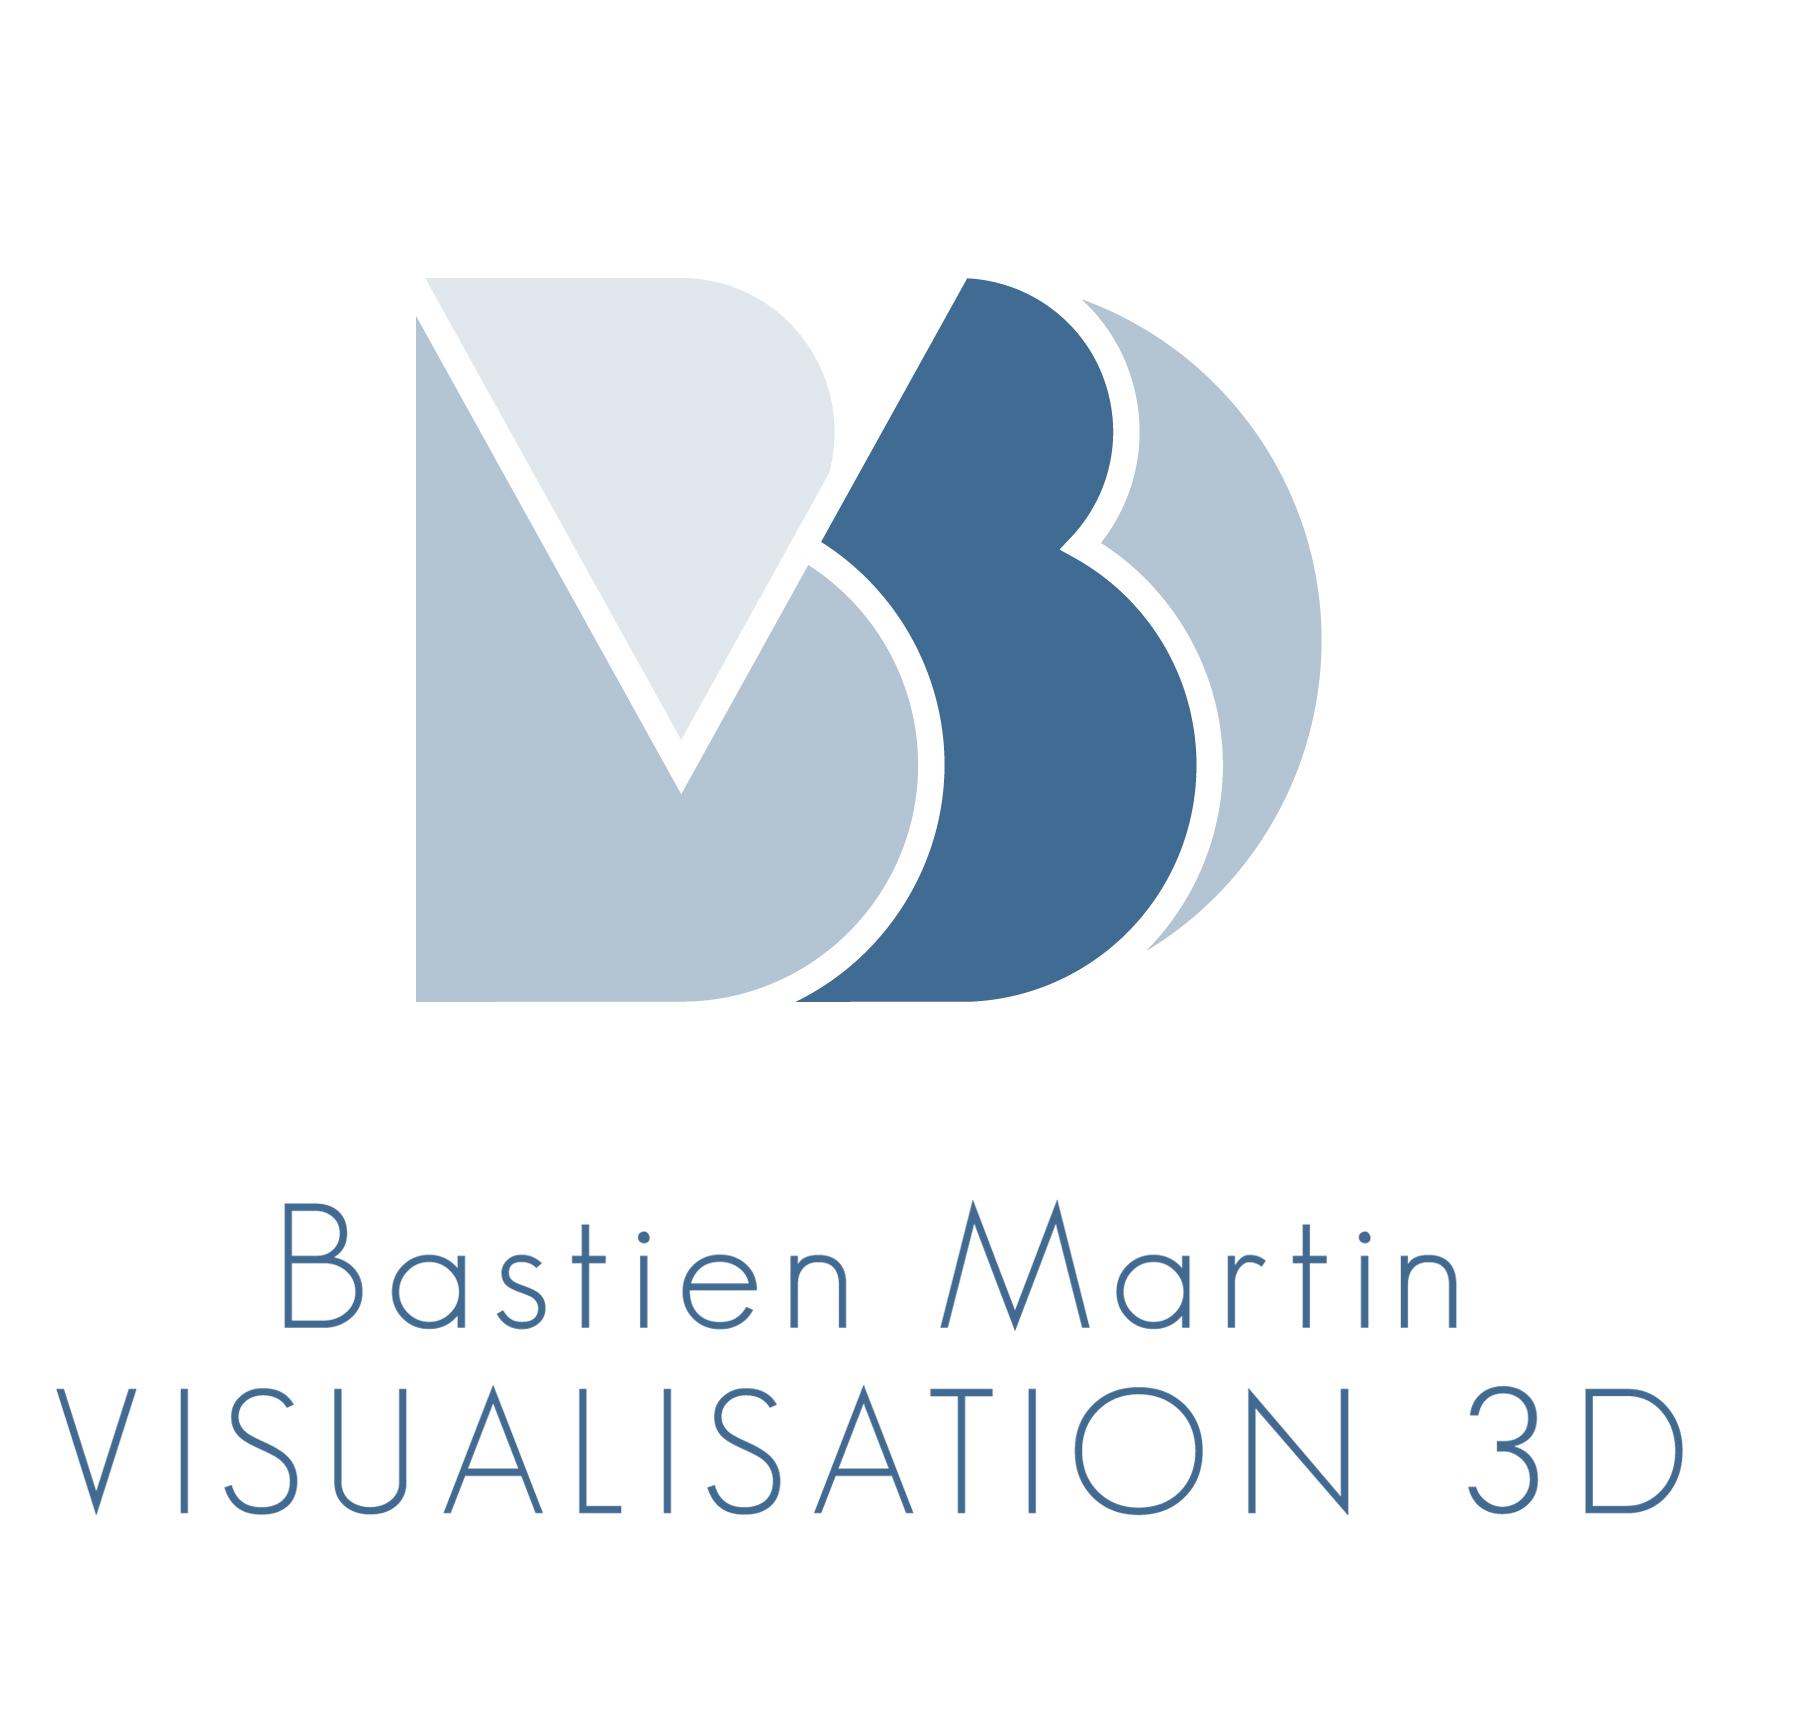 Bastien Martin